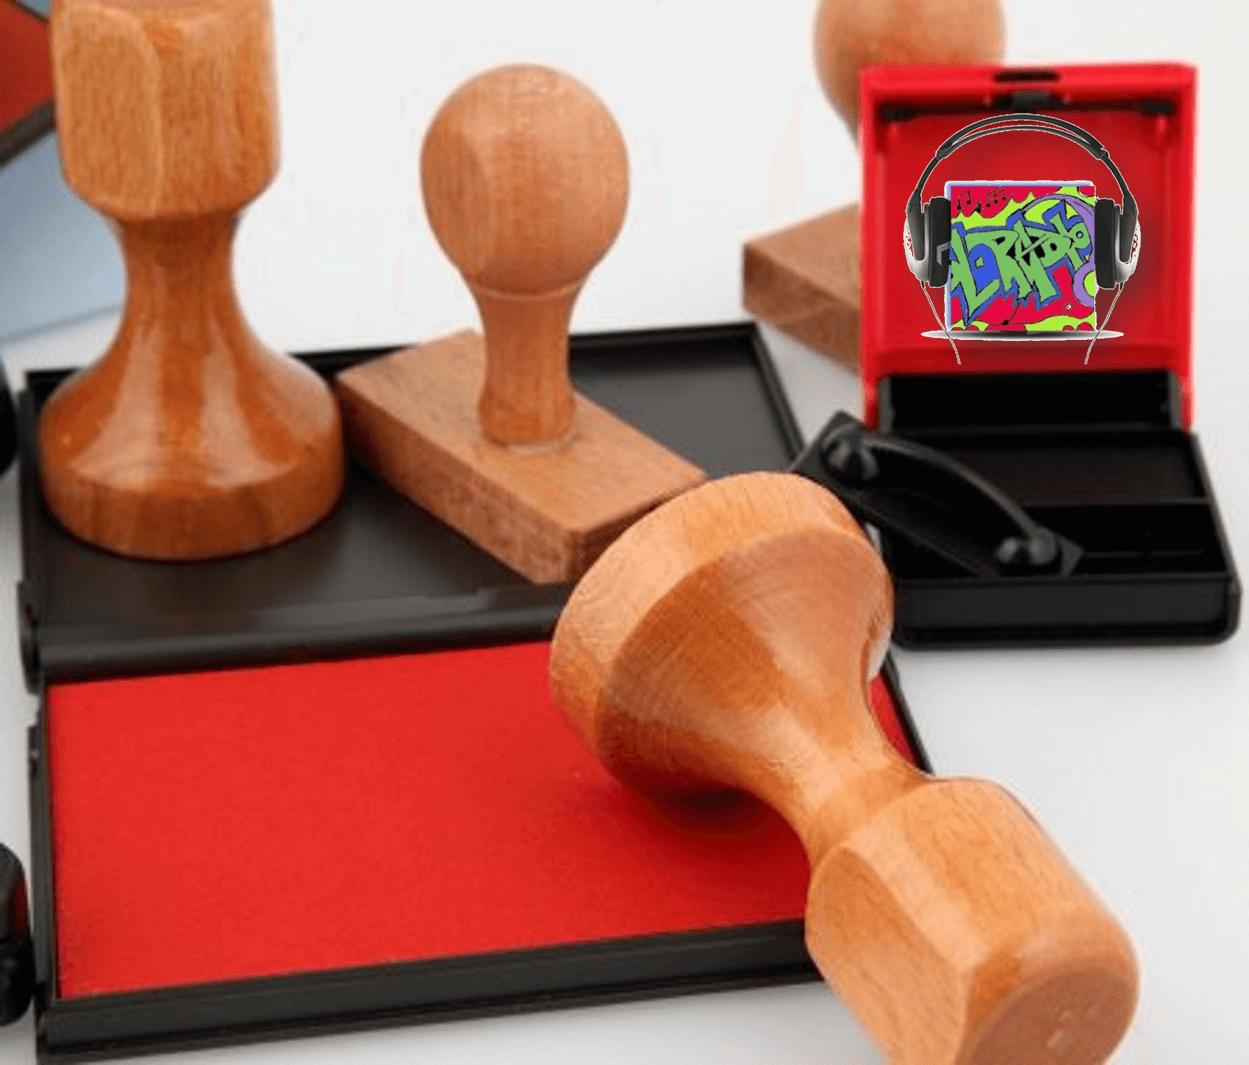 Το Υπουργείο Παιδείας, Έρευνας και Θρησκευμάτων εντάσσει το Μαθητικό Ραδιόφωνο επίσημα στις Σχολικές Δραστηριότητες